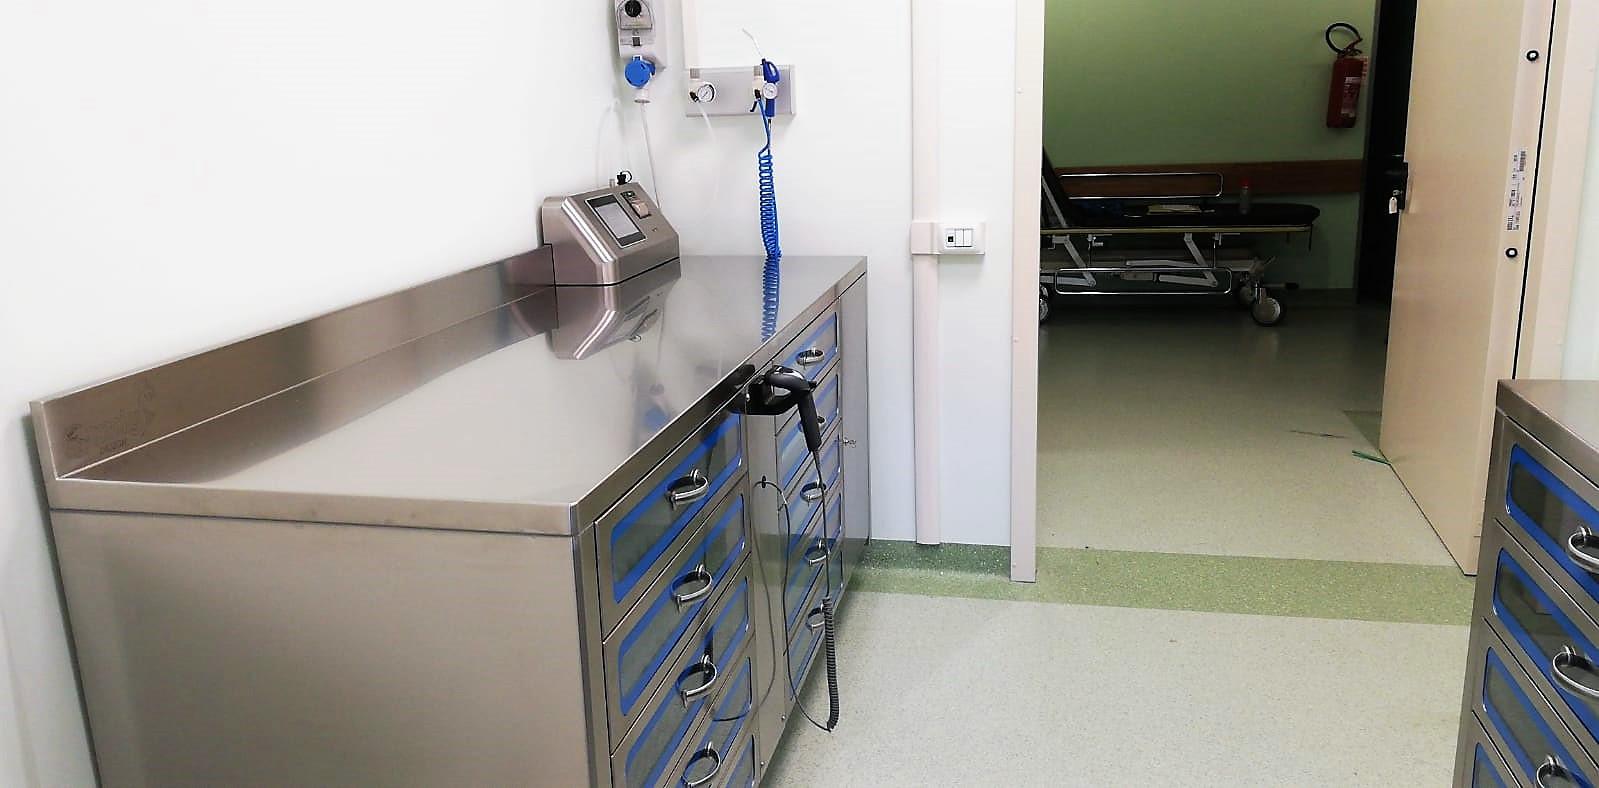 Drs 215 nuova installazione dei nostri armadi for Armadi padova